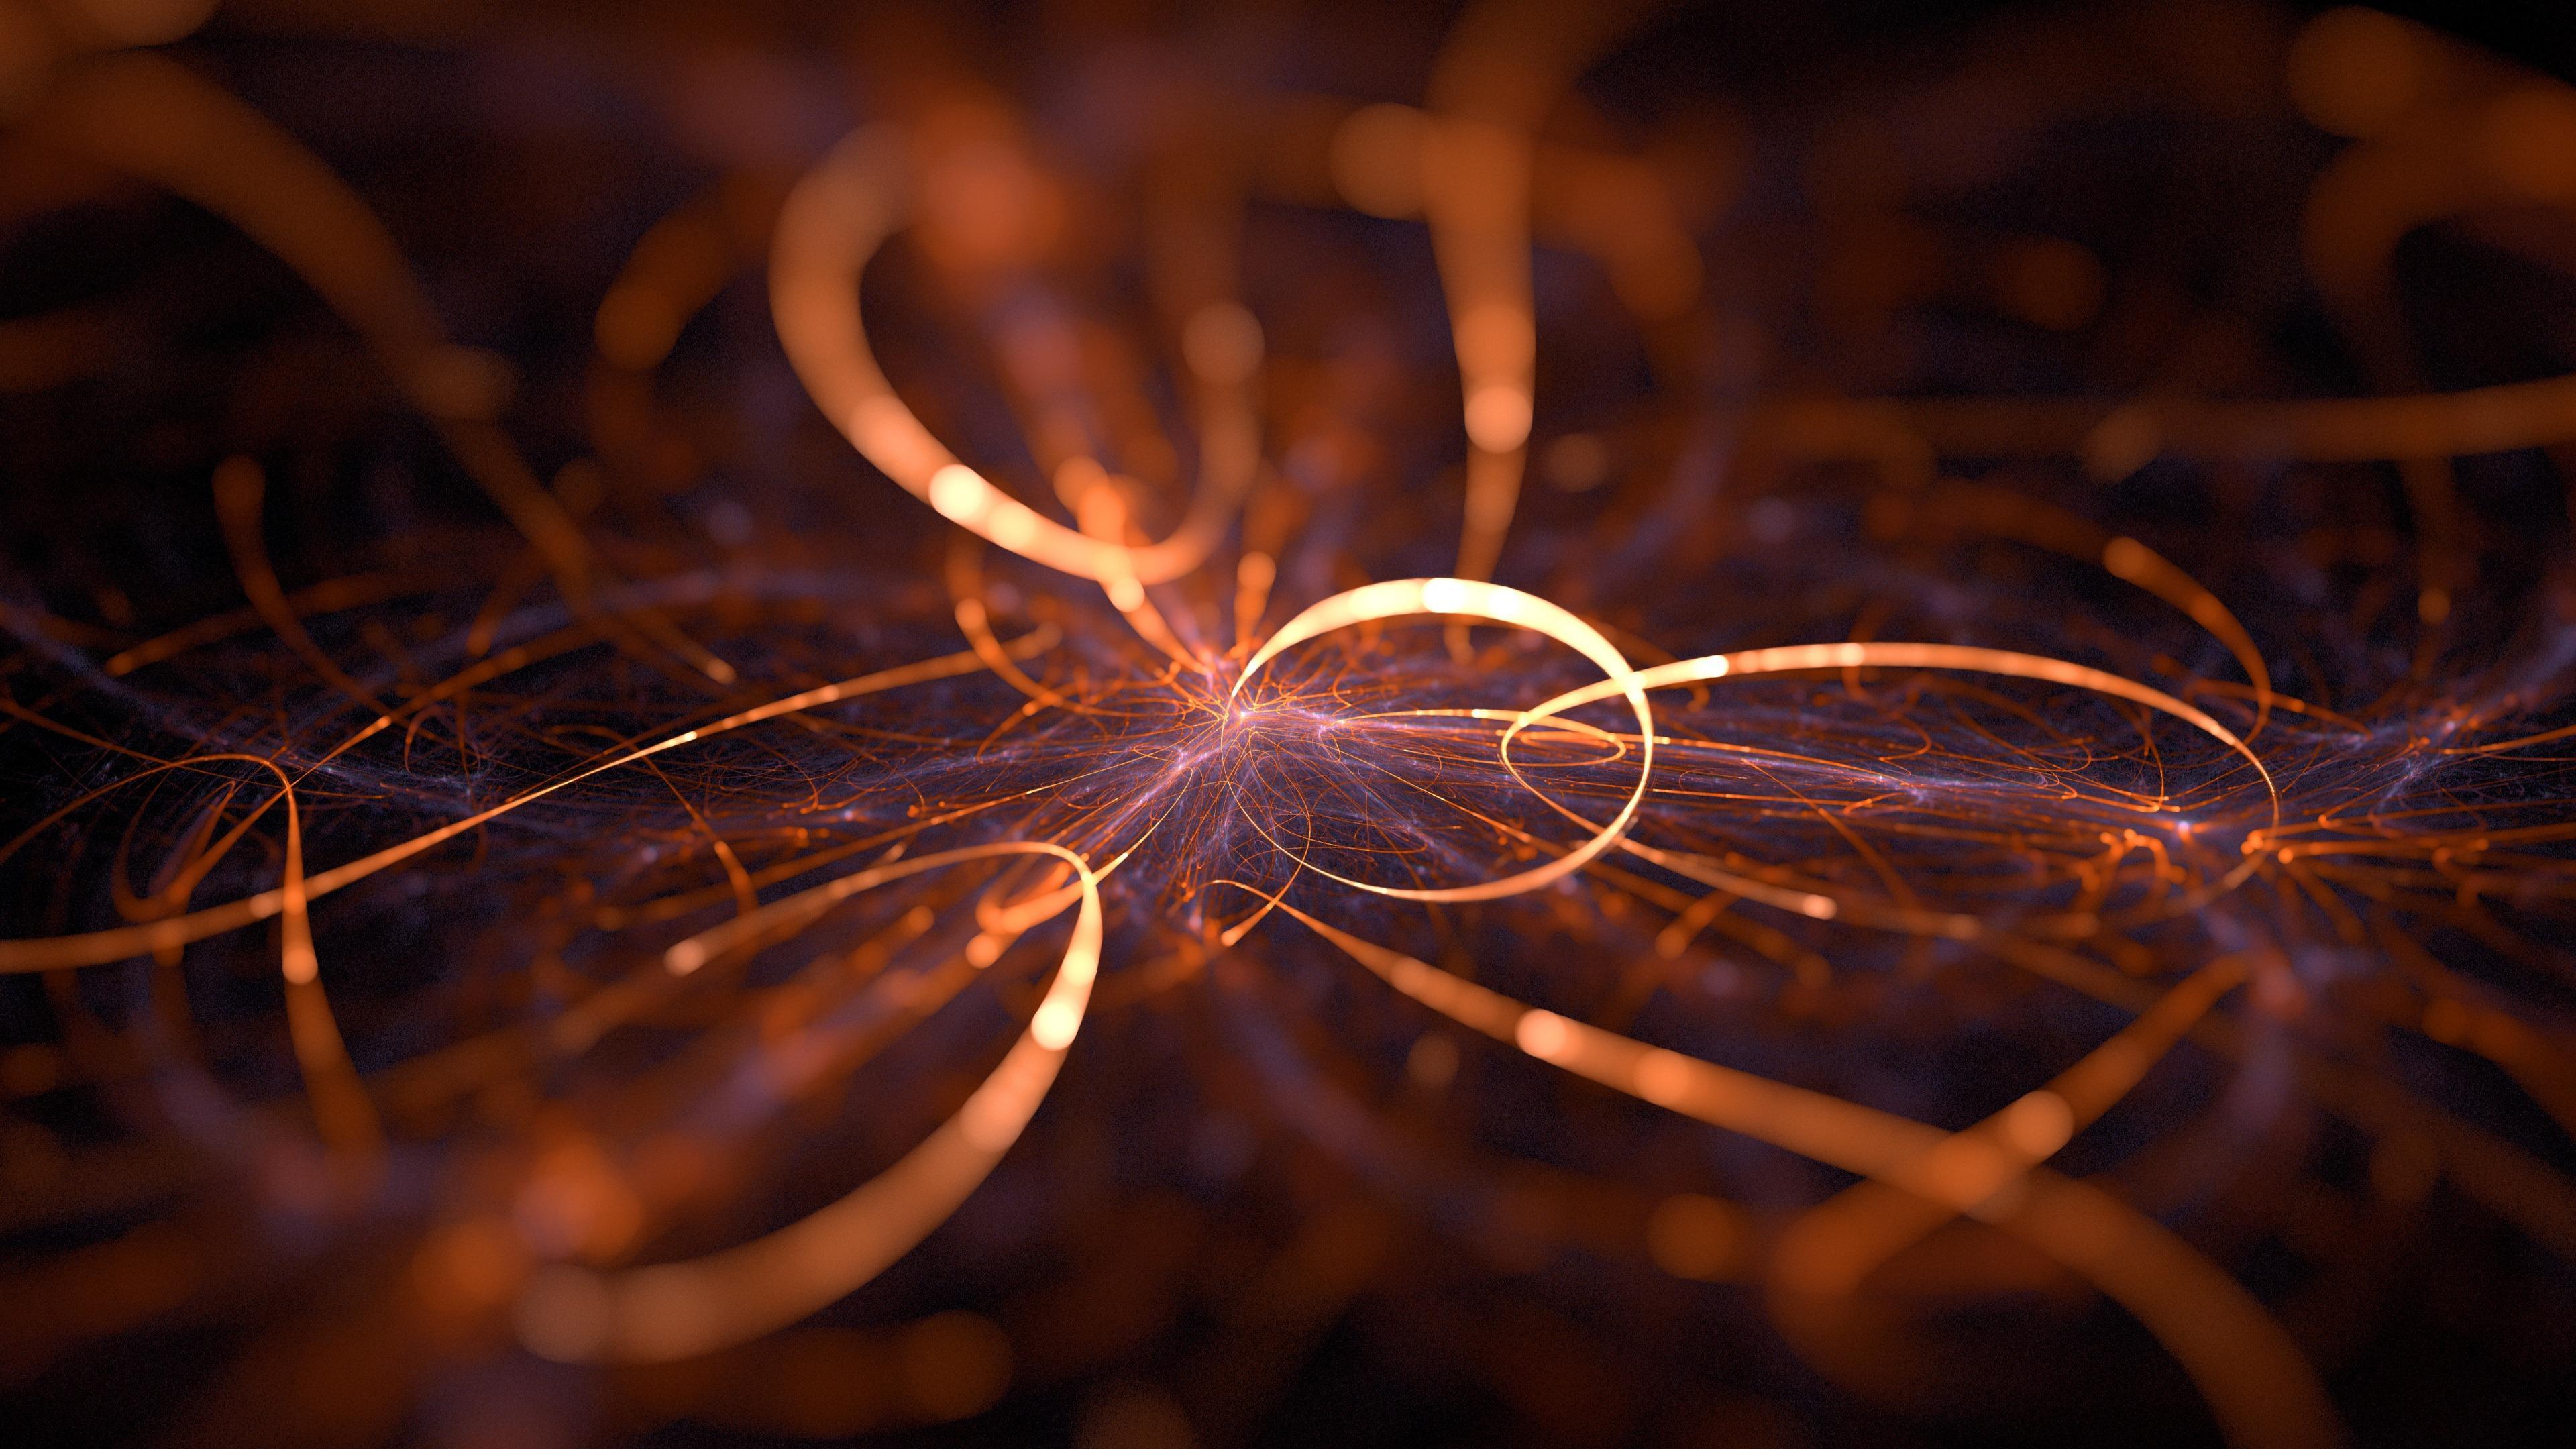 Абстракция огненные кольца стружки с неоновым разрядом